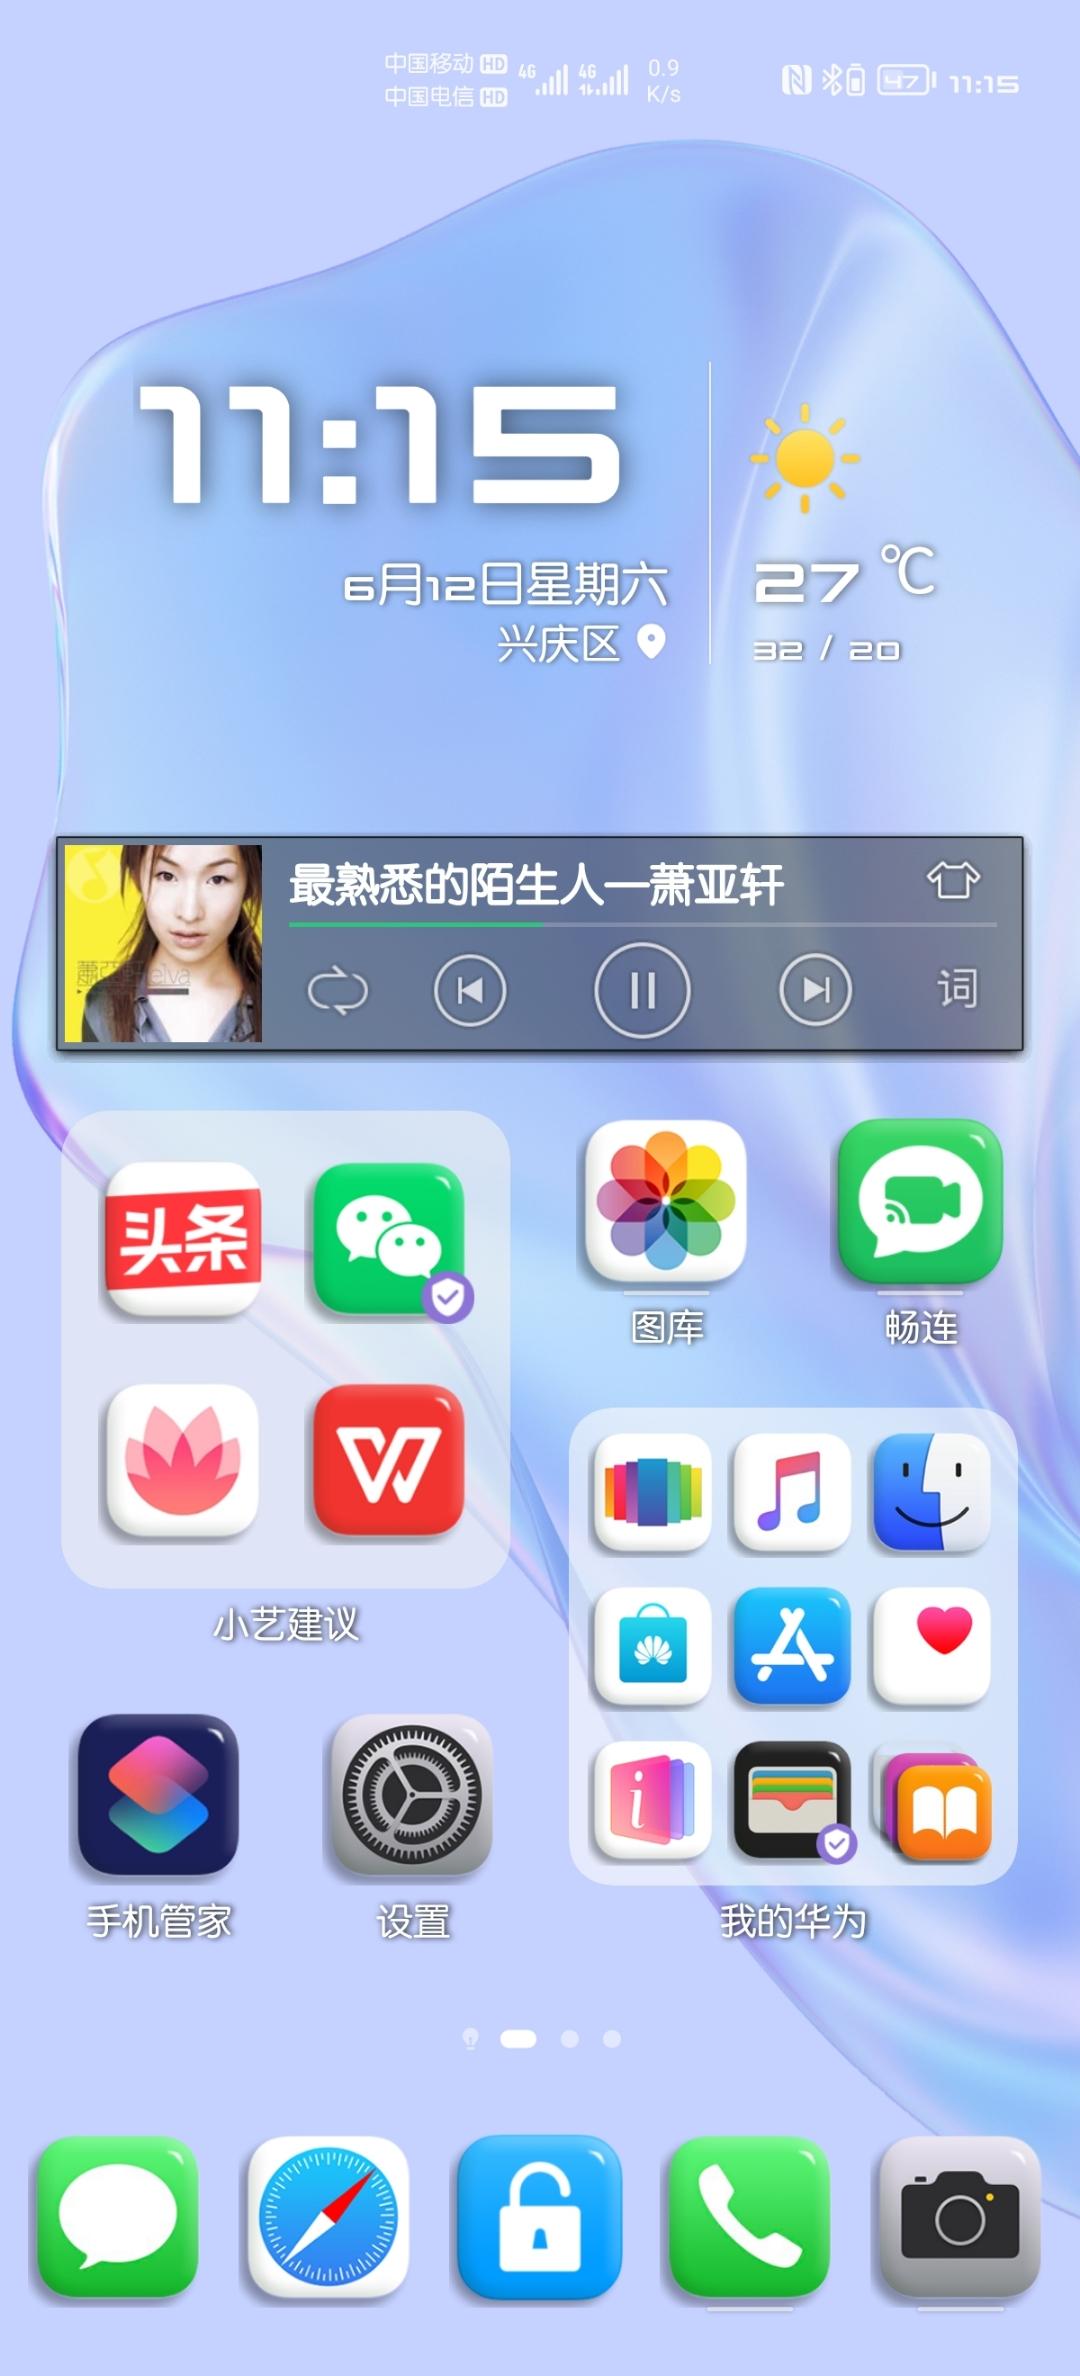 Screenshot_20210612_111546_com.huawei.android.launcher.jpg